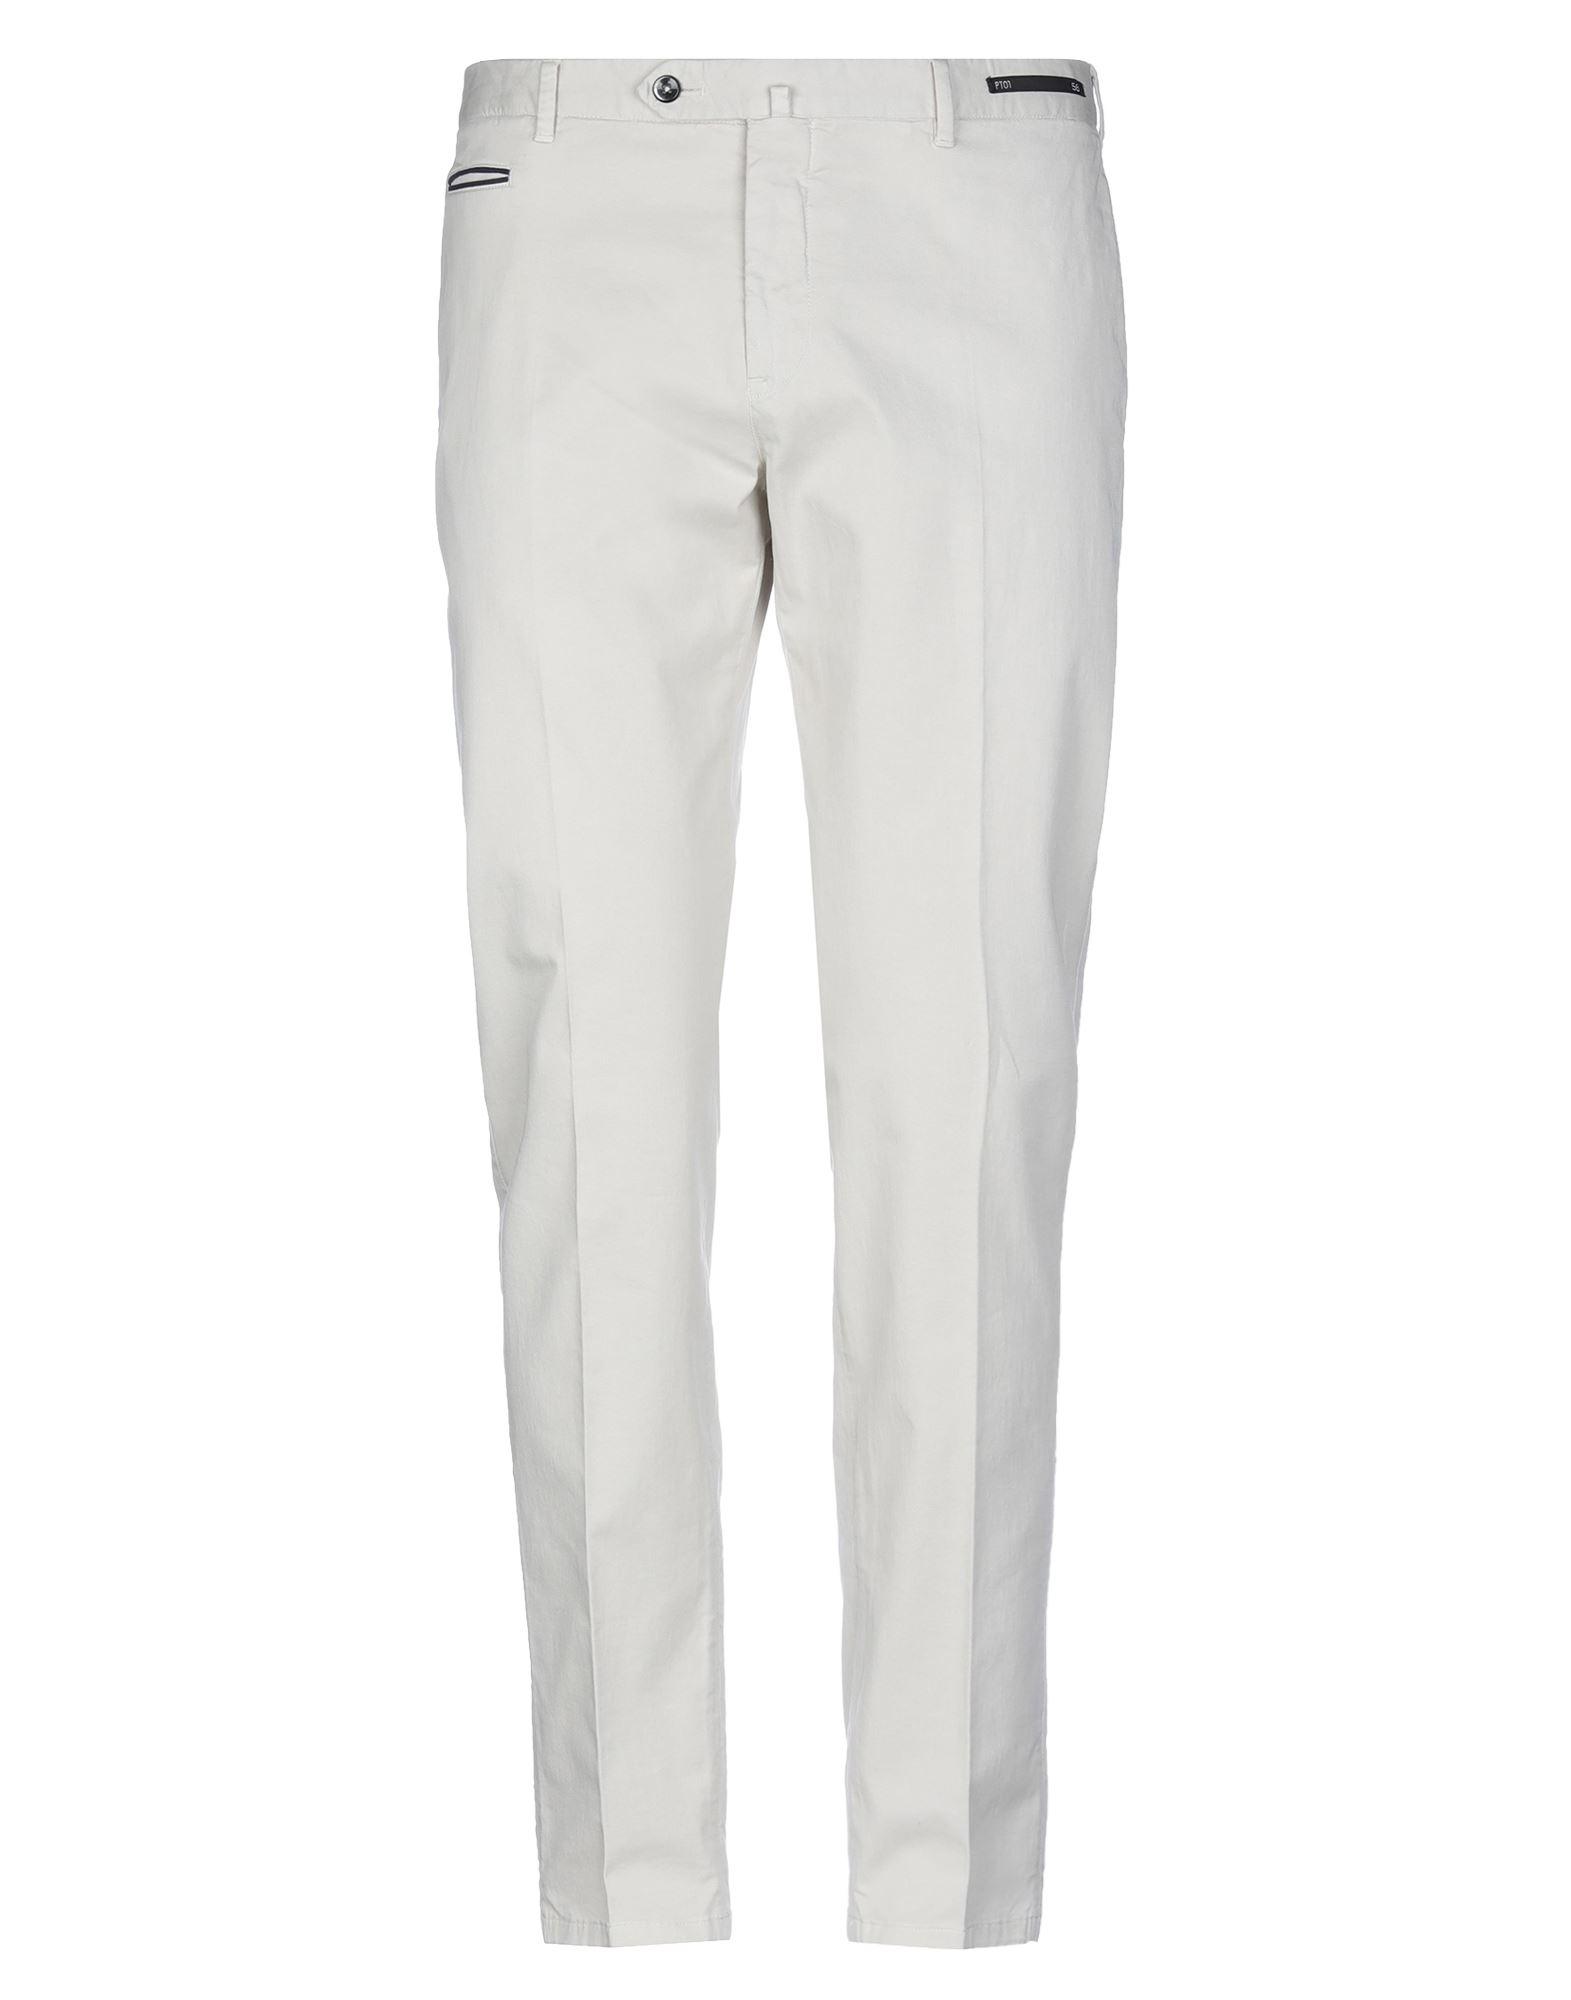 《セール開催中》PT Torino メンズ パンツ アイボリー 56 コットン 98% / ポリウレタン 2%